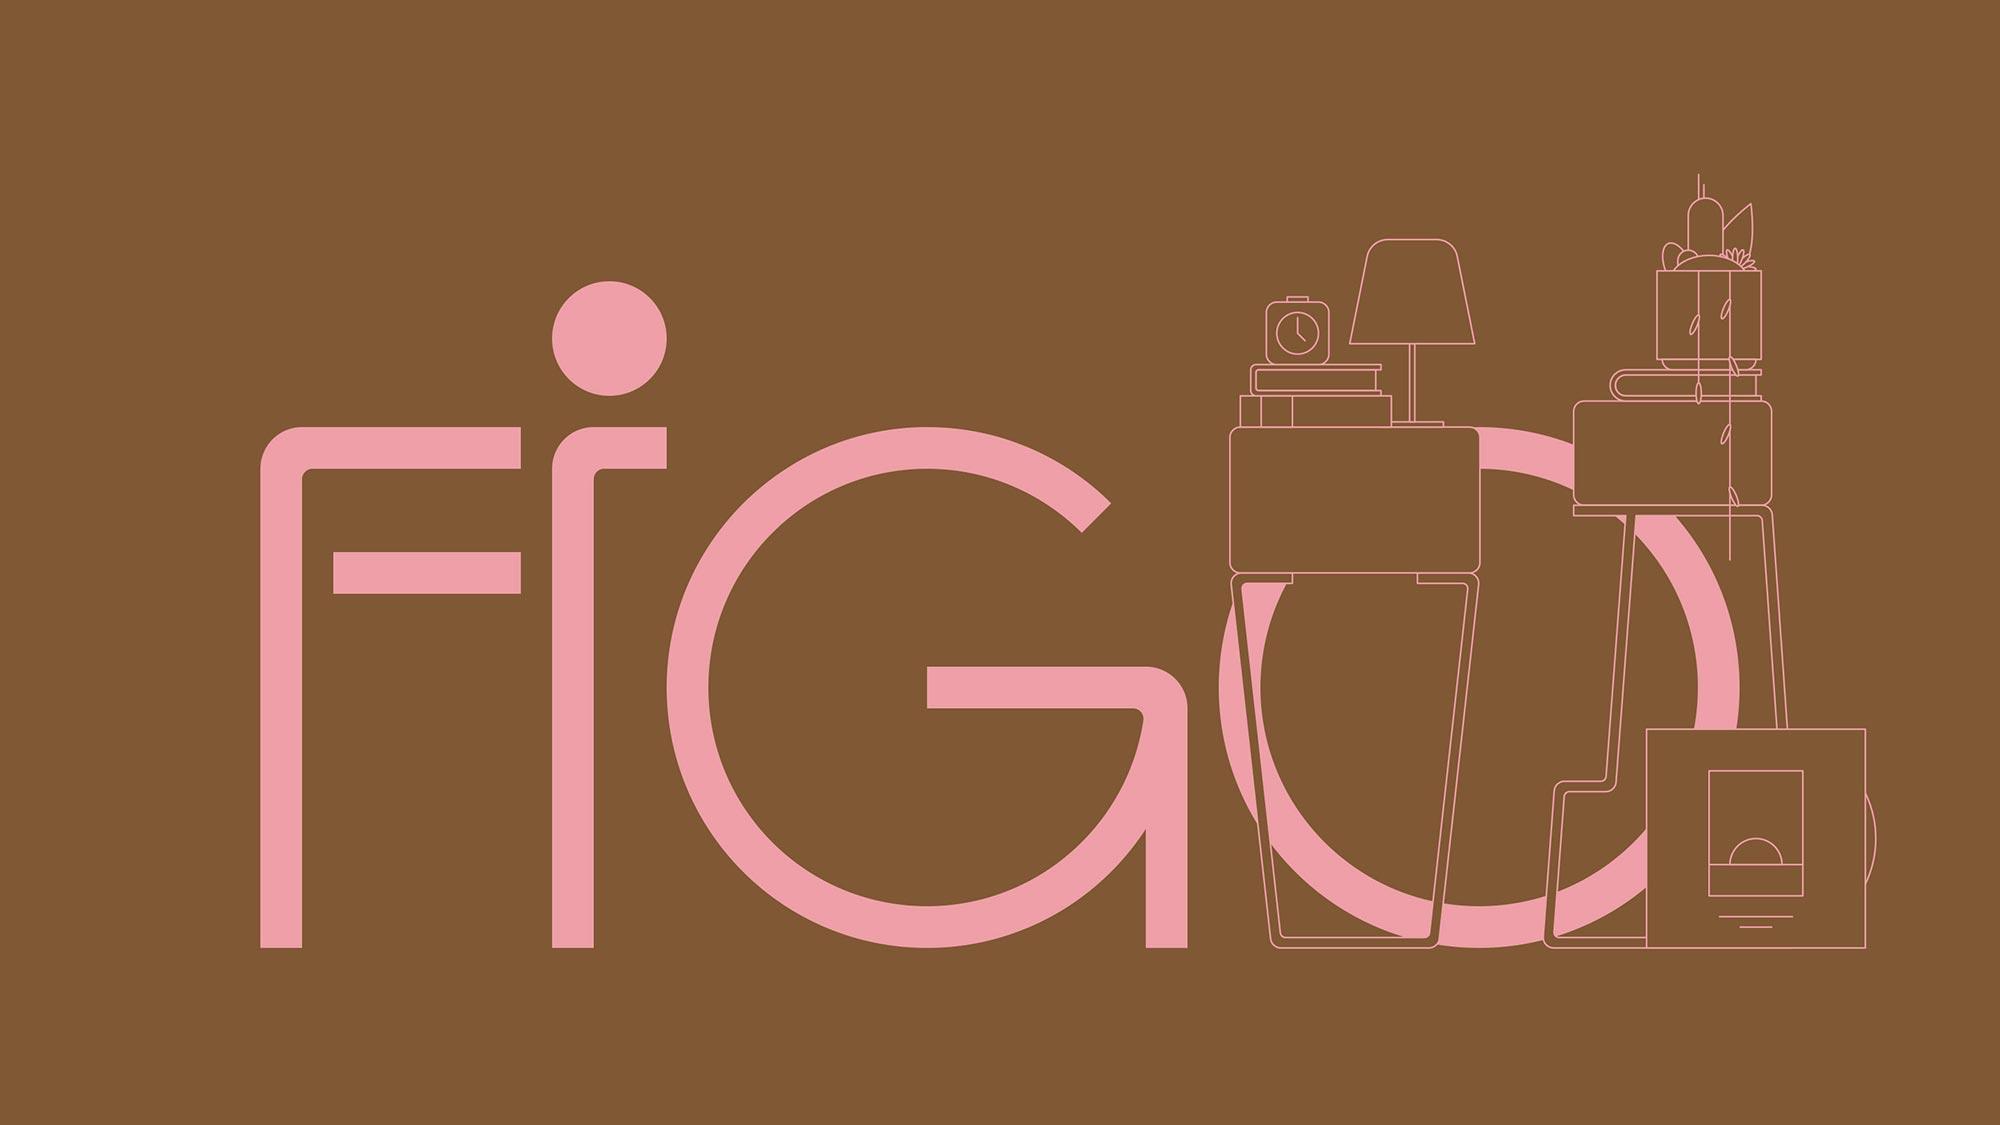 FIGO_02